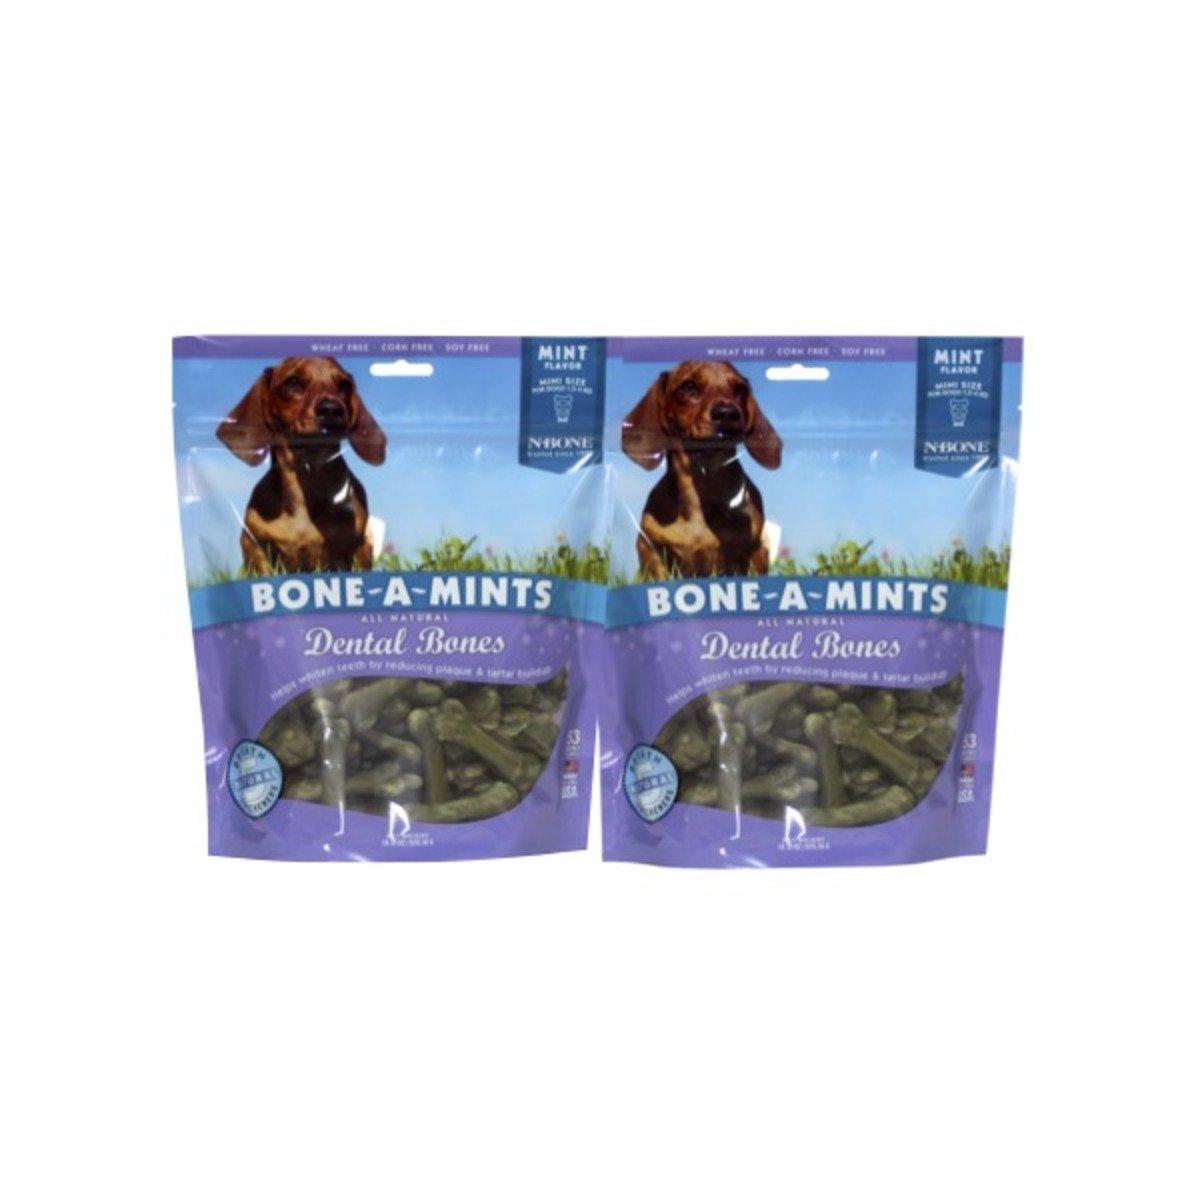 美國 BONE-A-MINTS 薄荷味潔齒骨家庭裝2包(迷你)18.55oz/包